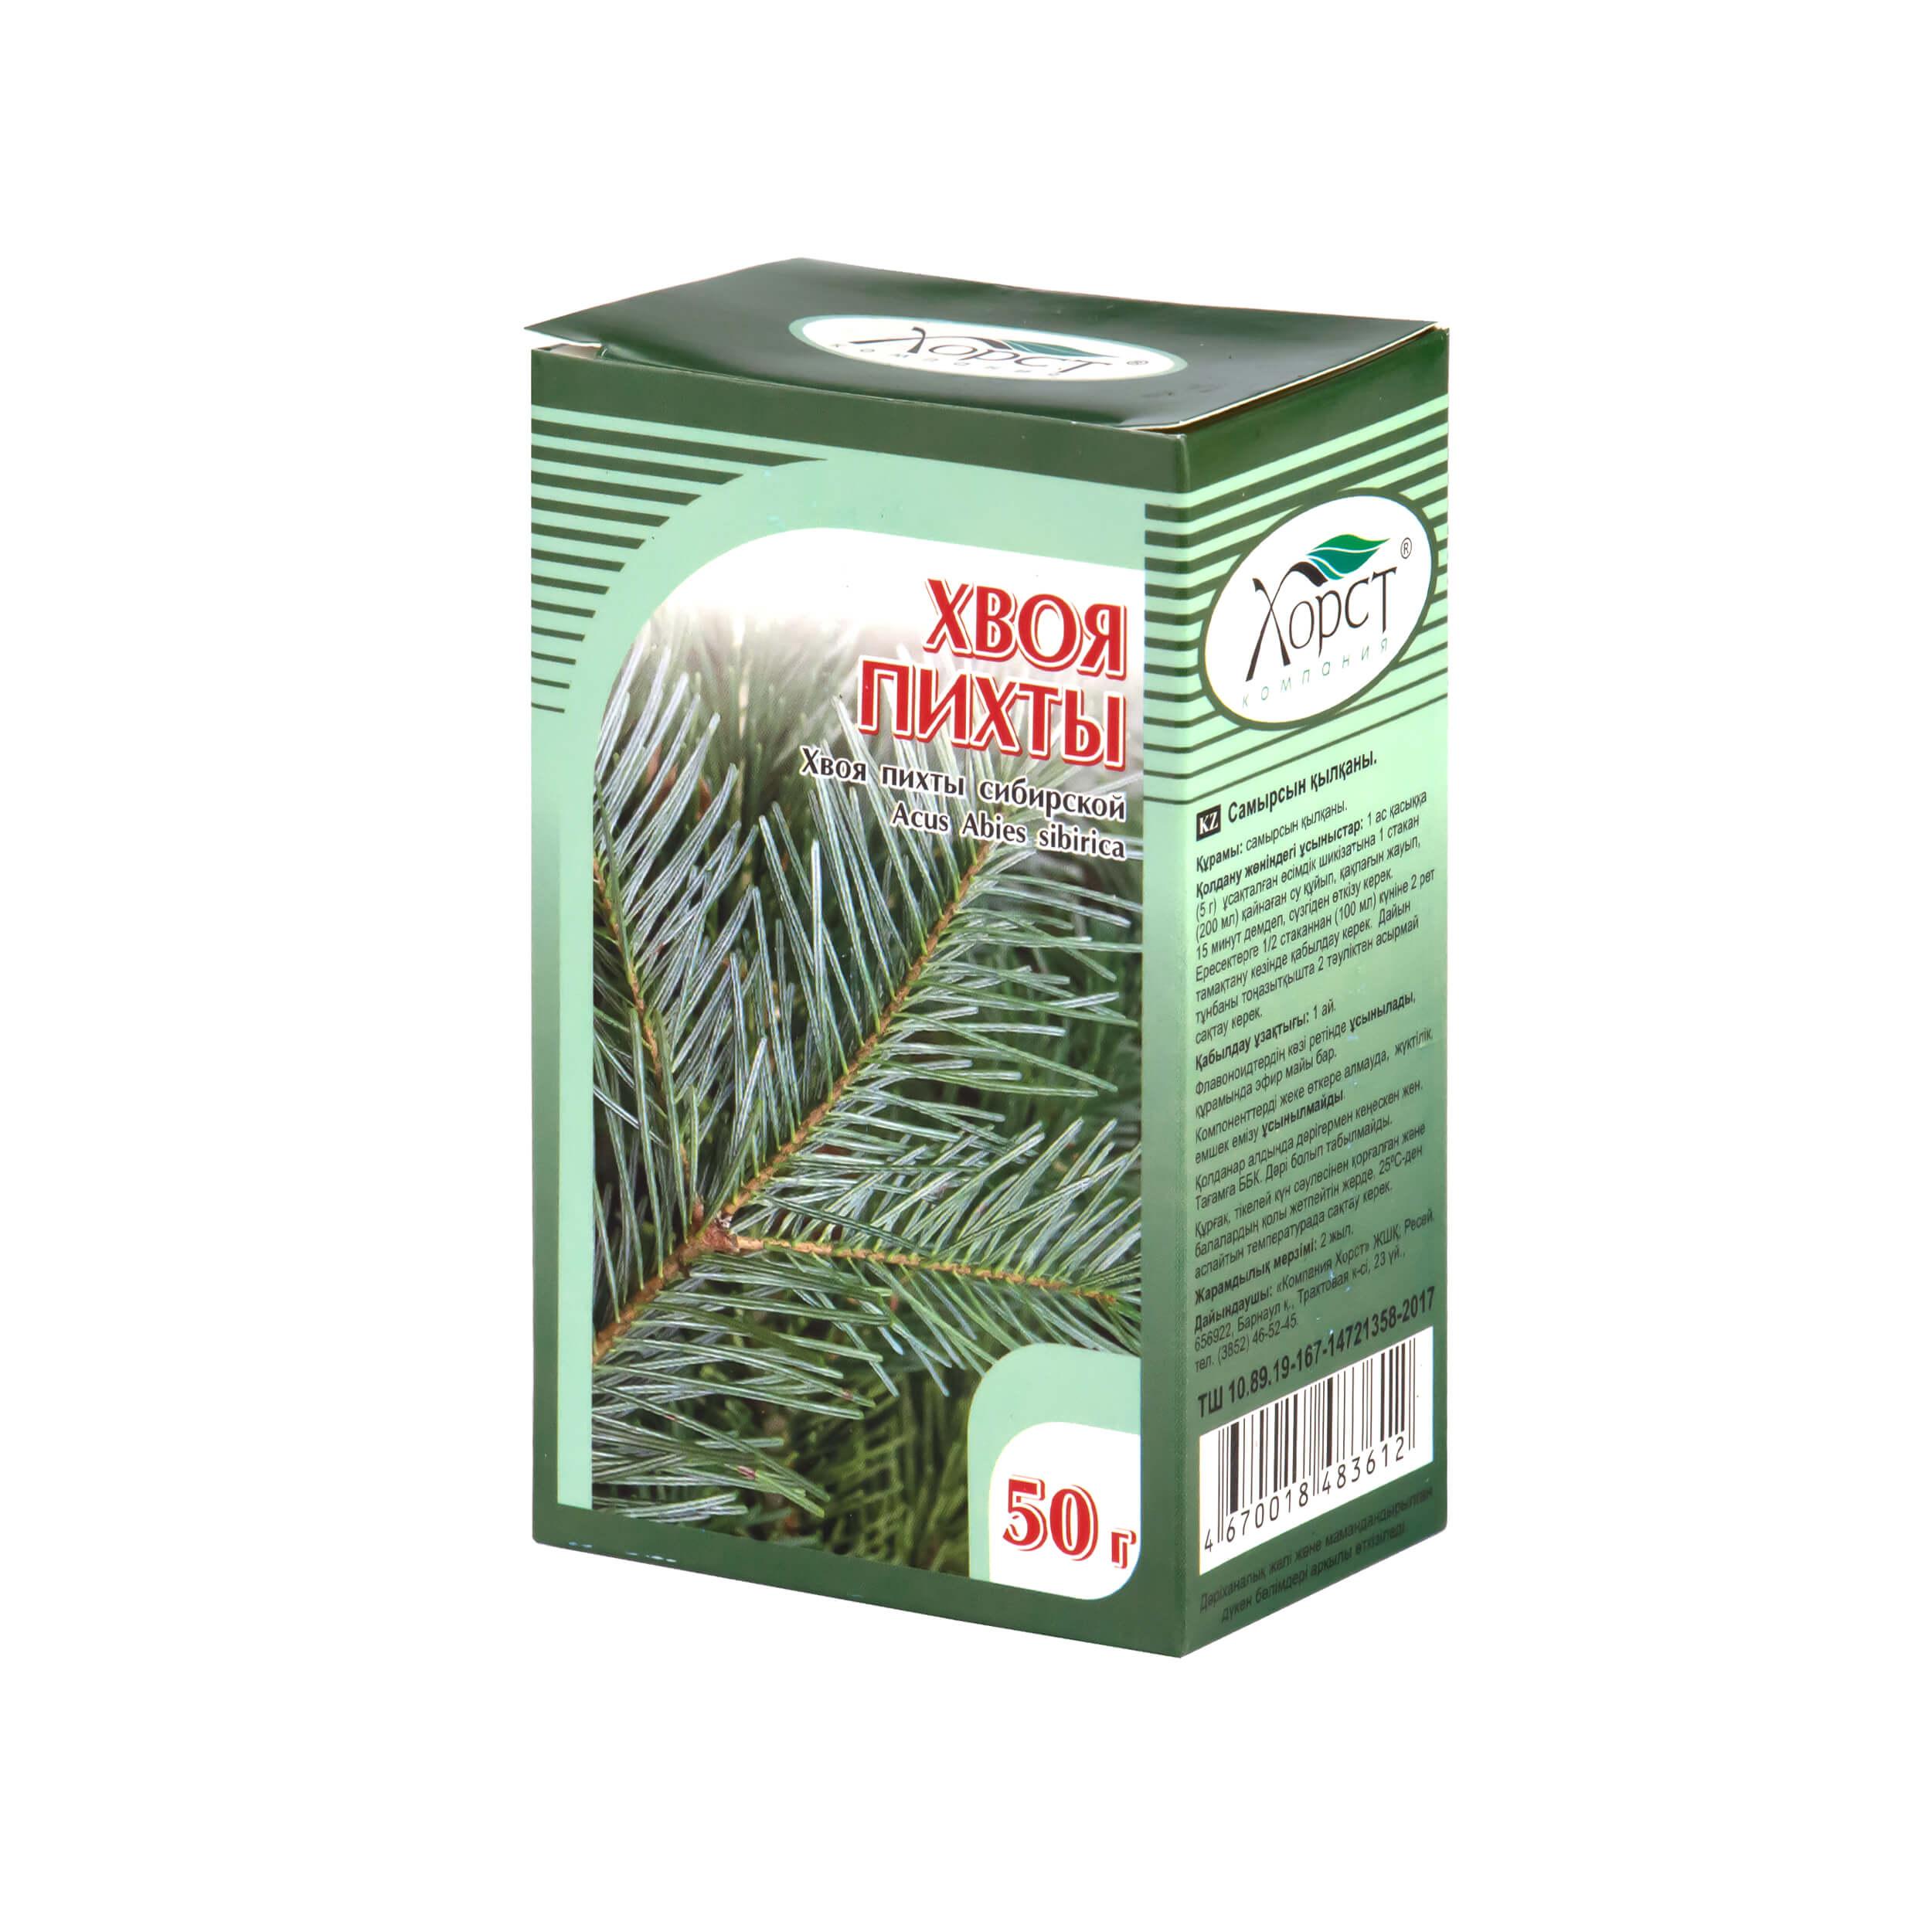 Пихта сибирская (хвоя, 50 грамм) фото